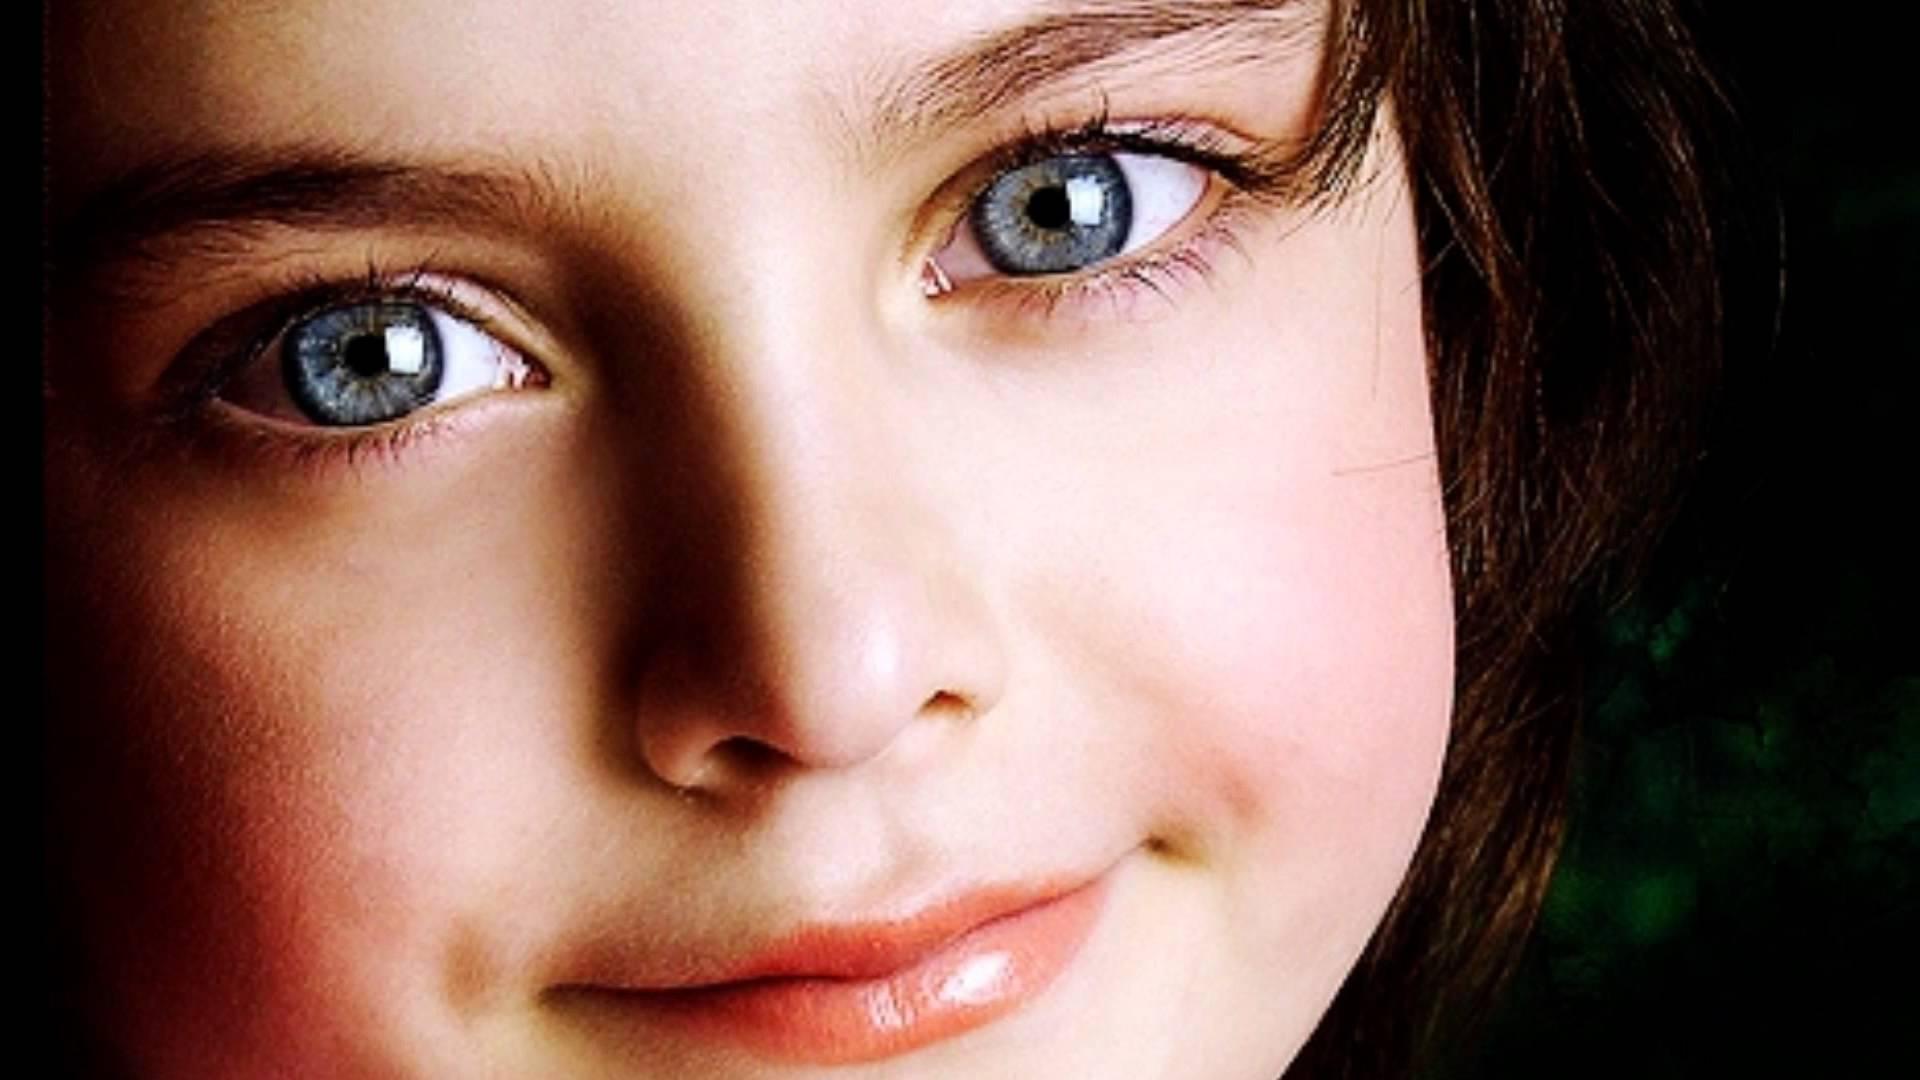 Люди с красивыми глазами фото смотреть